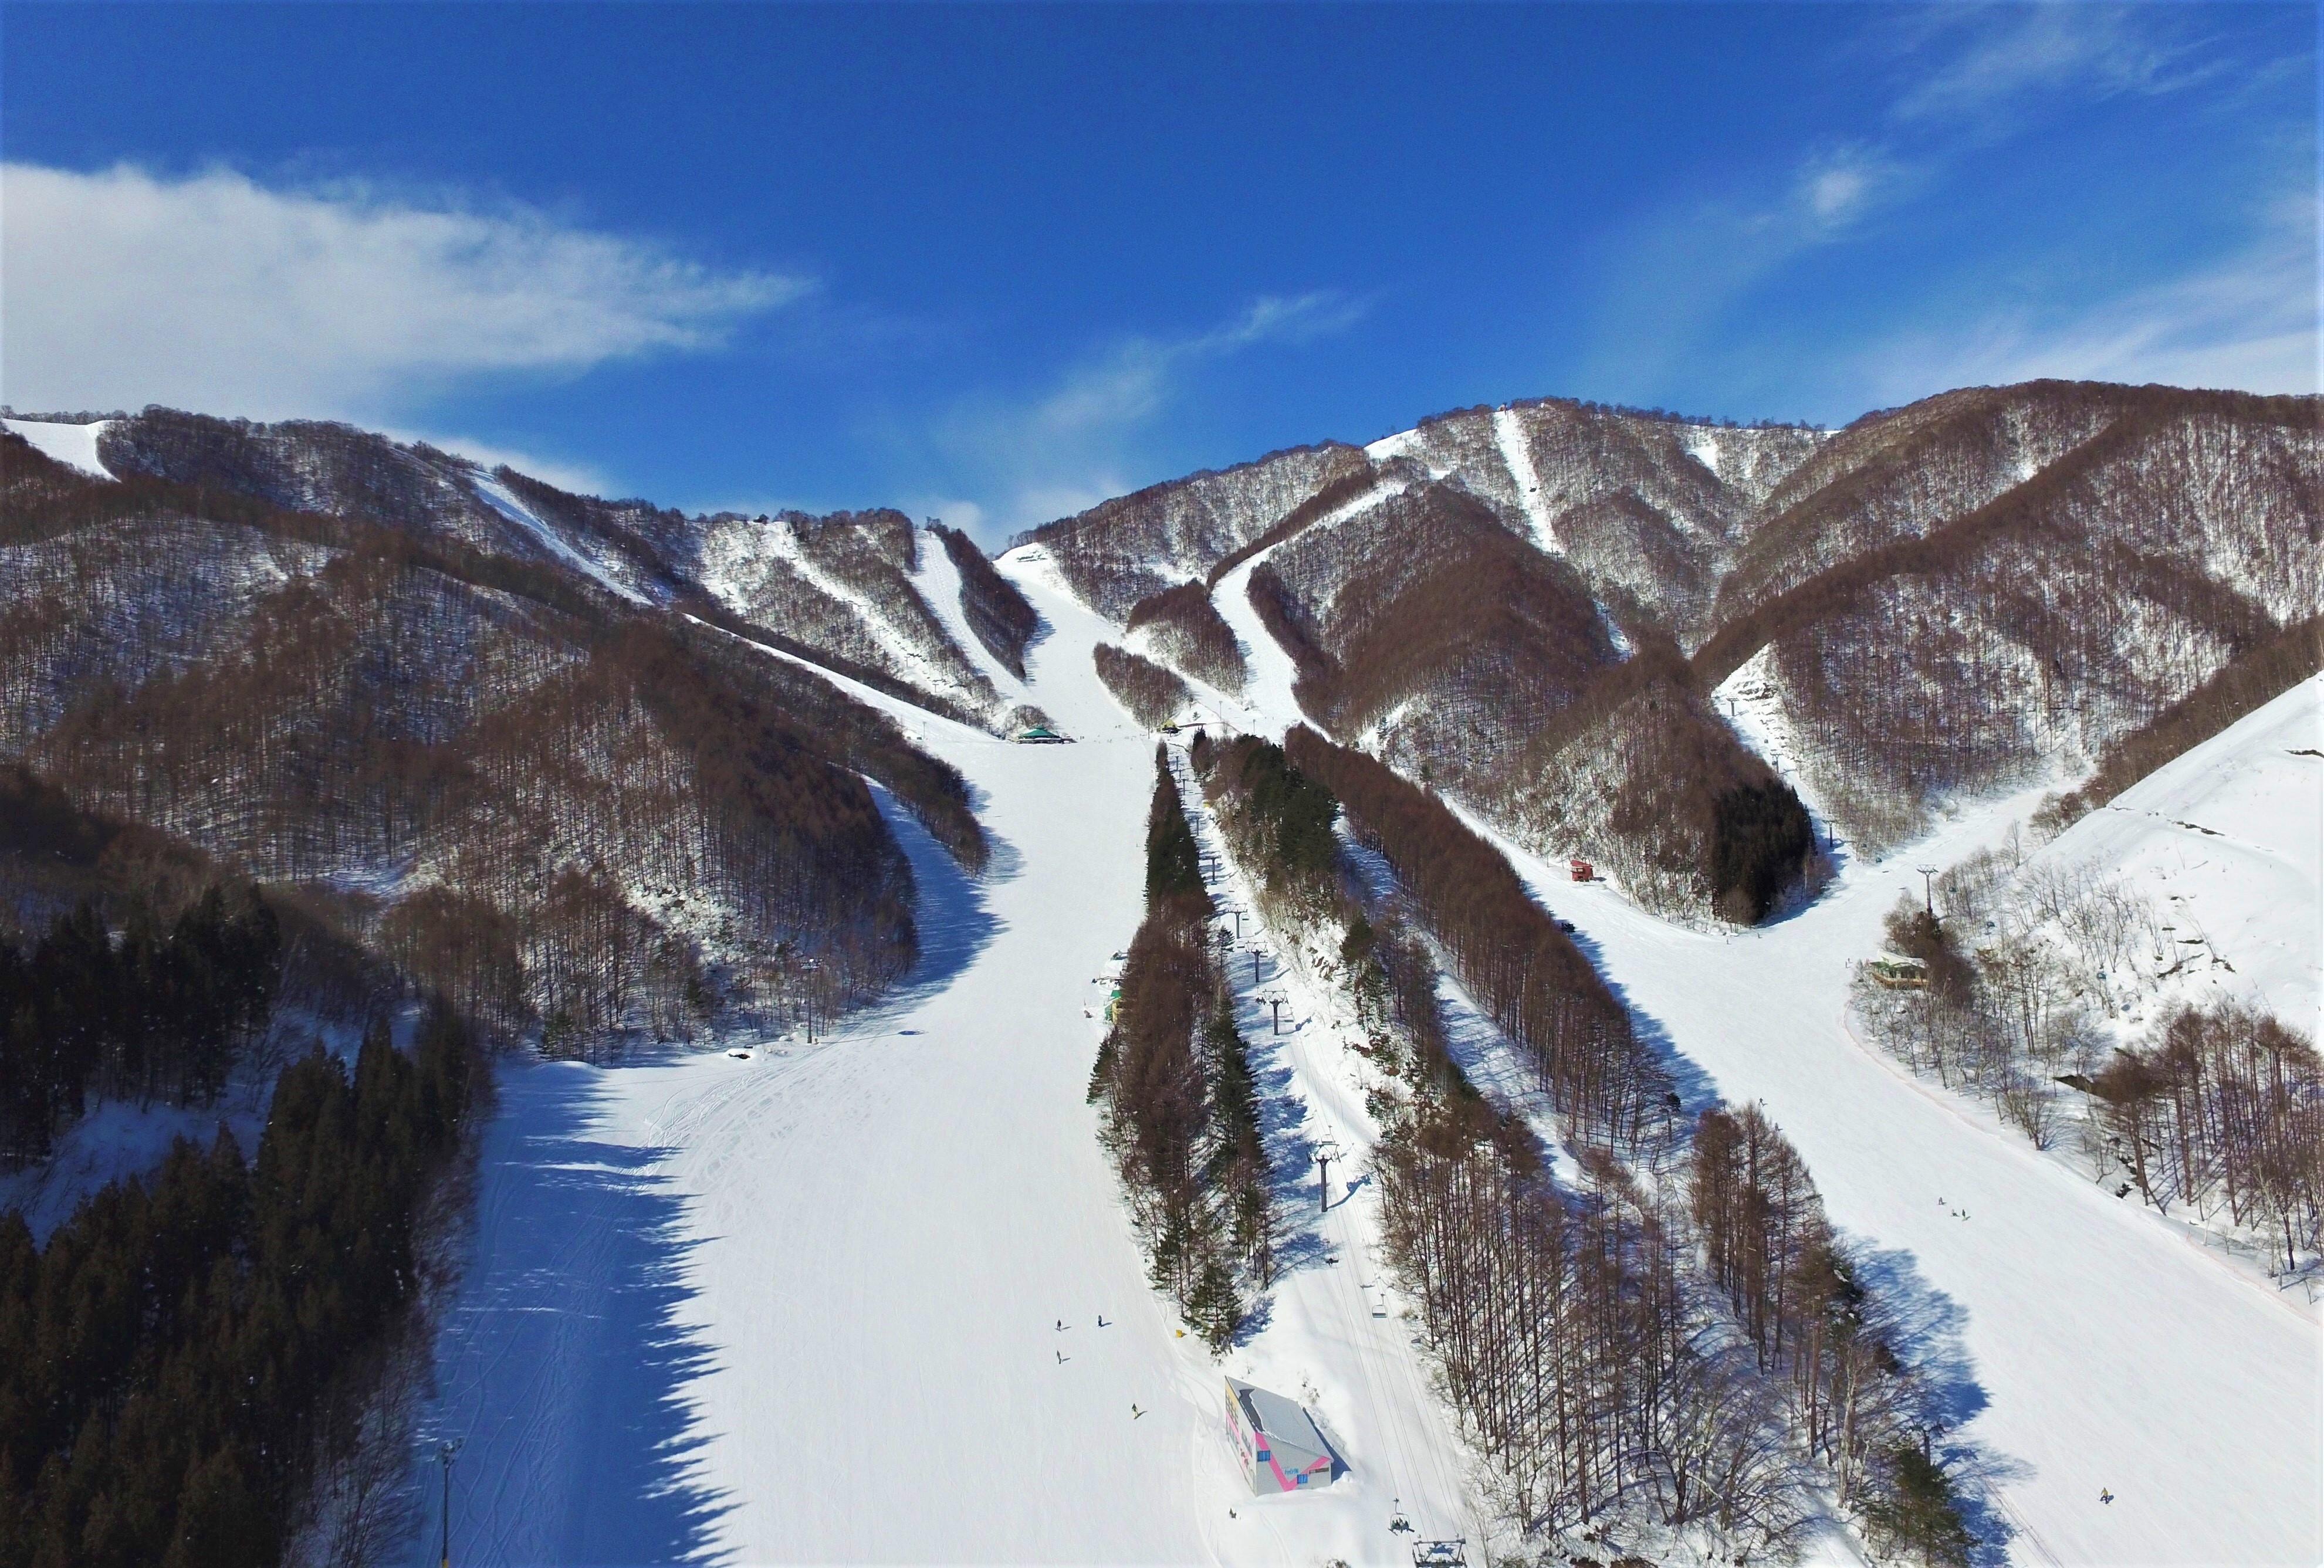 ホワイトワールド尾瀬岩鞍スキー場のイメージ2